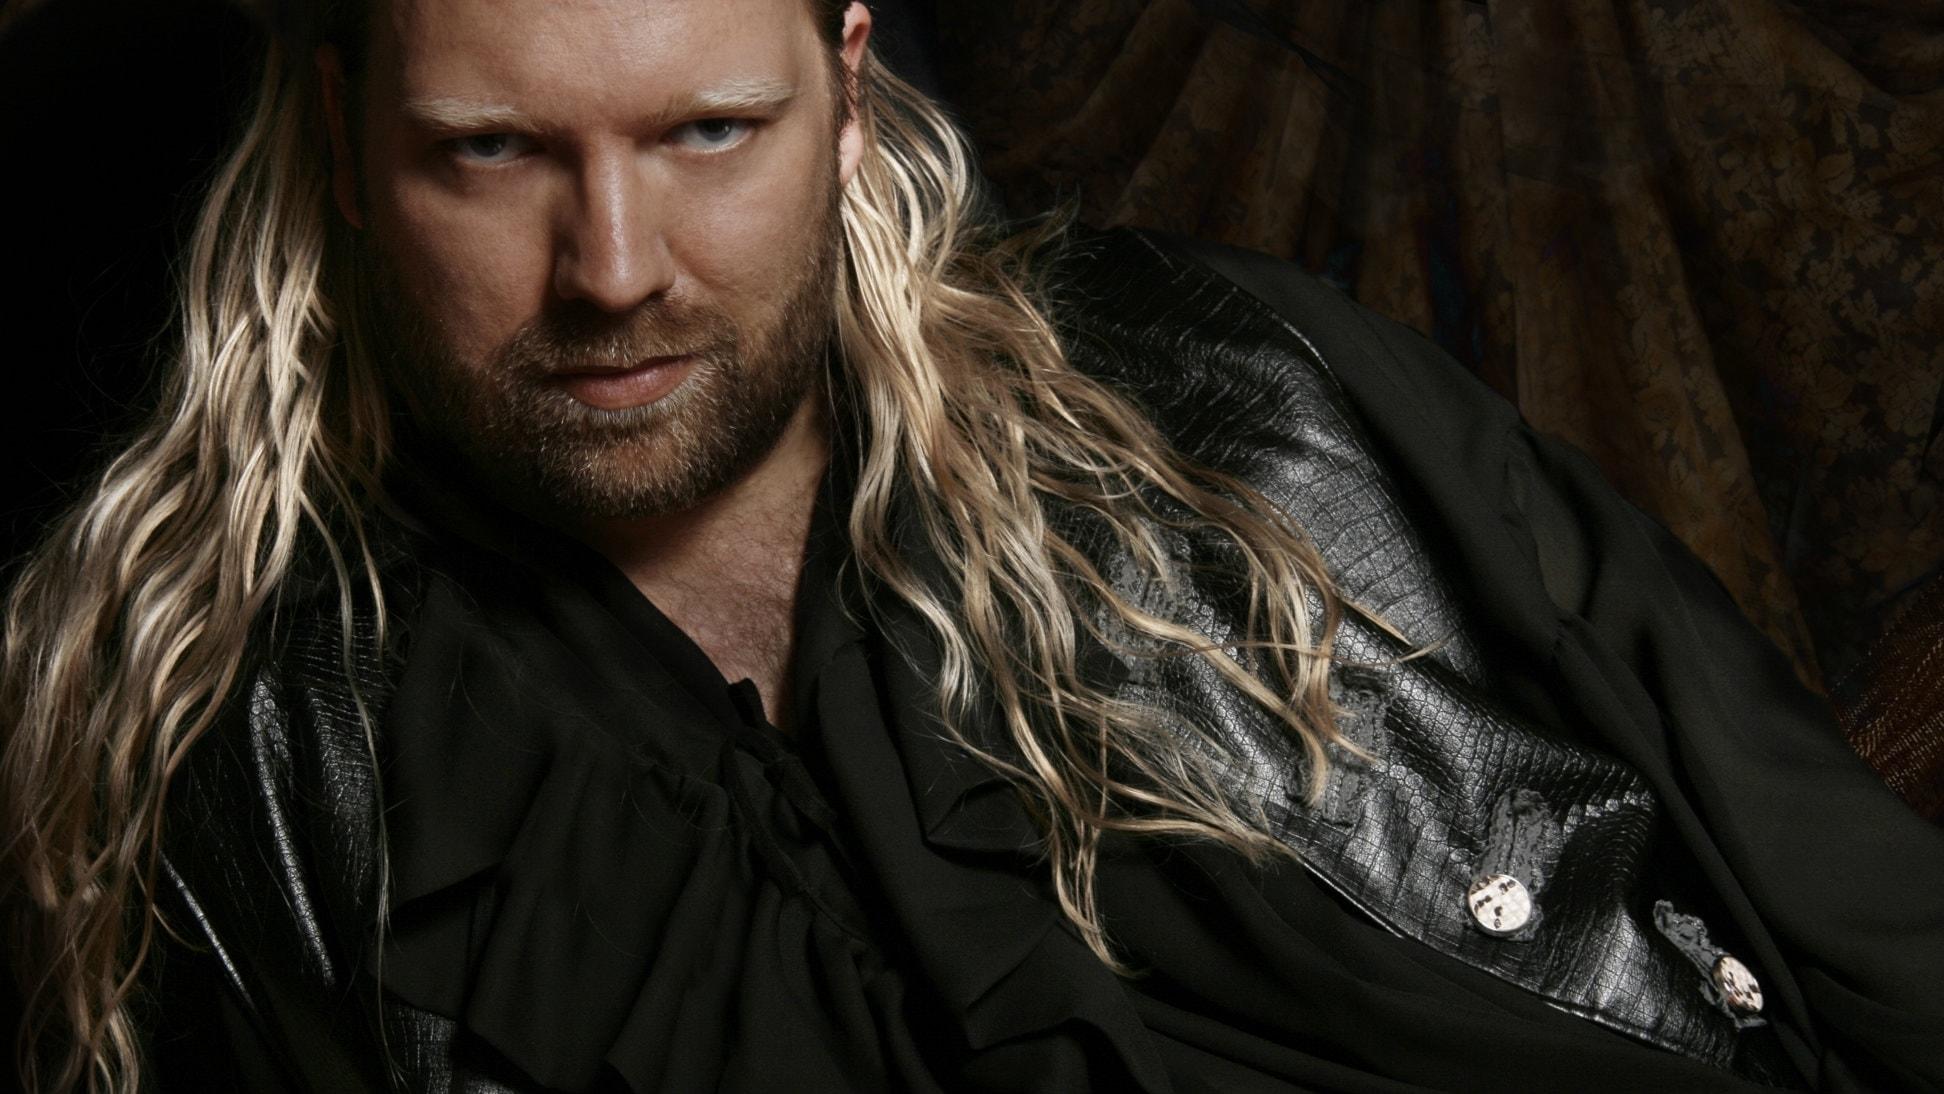 En egen röst, del 4. Möt tenoren Rickard Söderberg 2010.